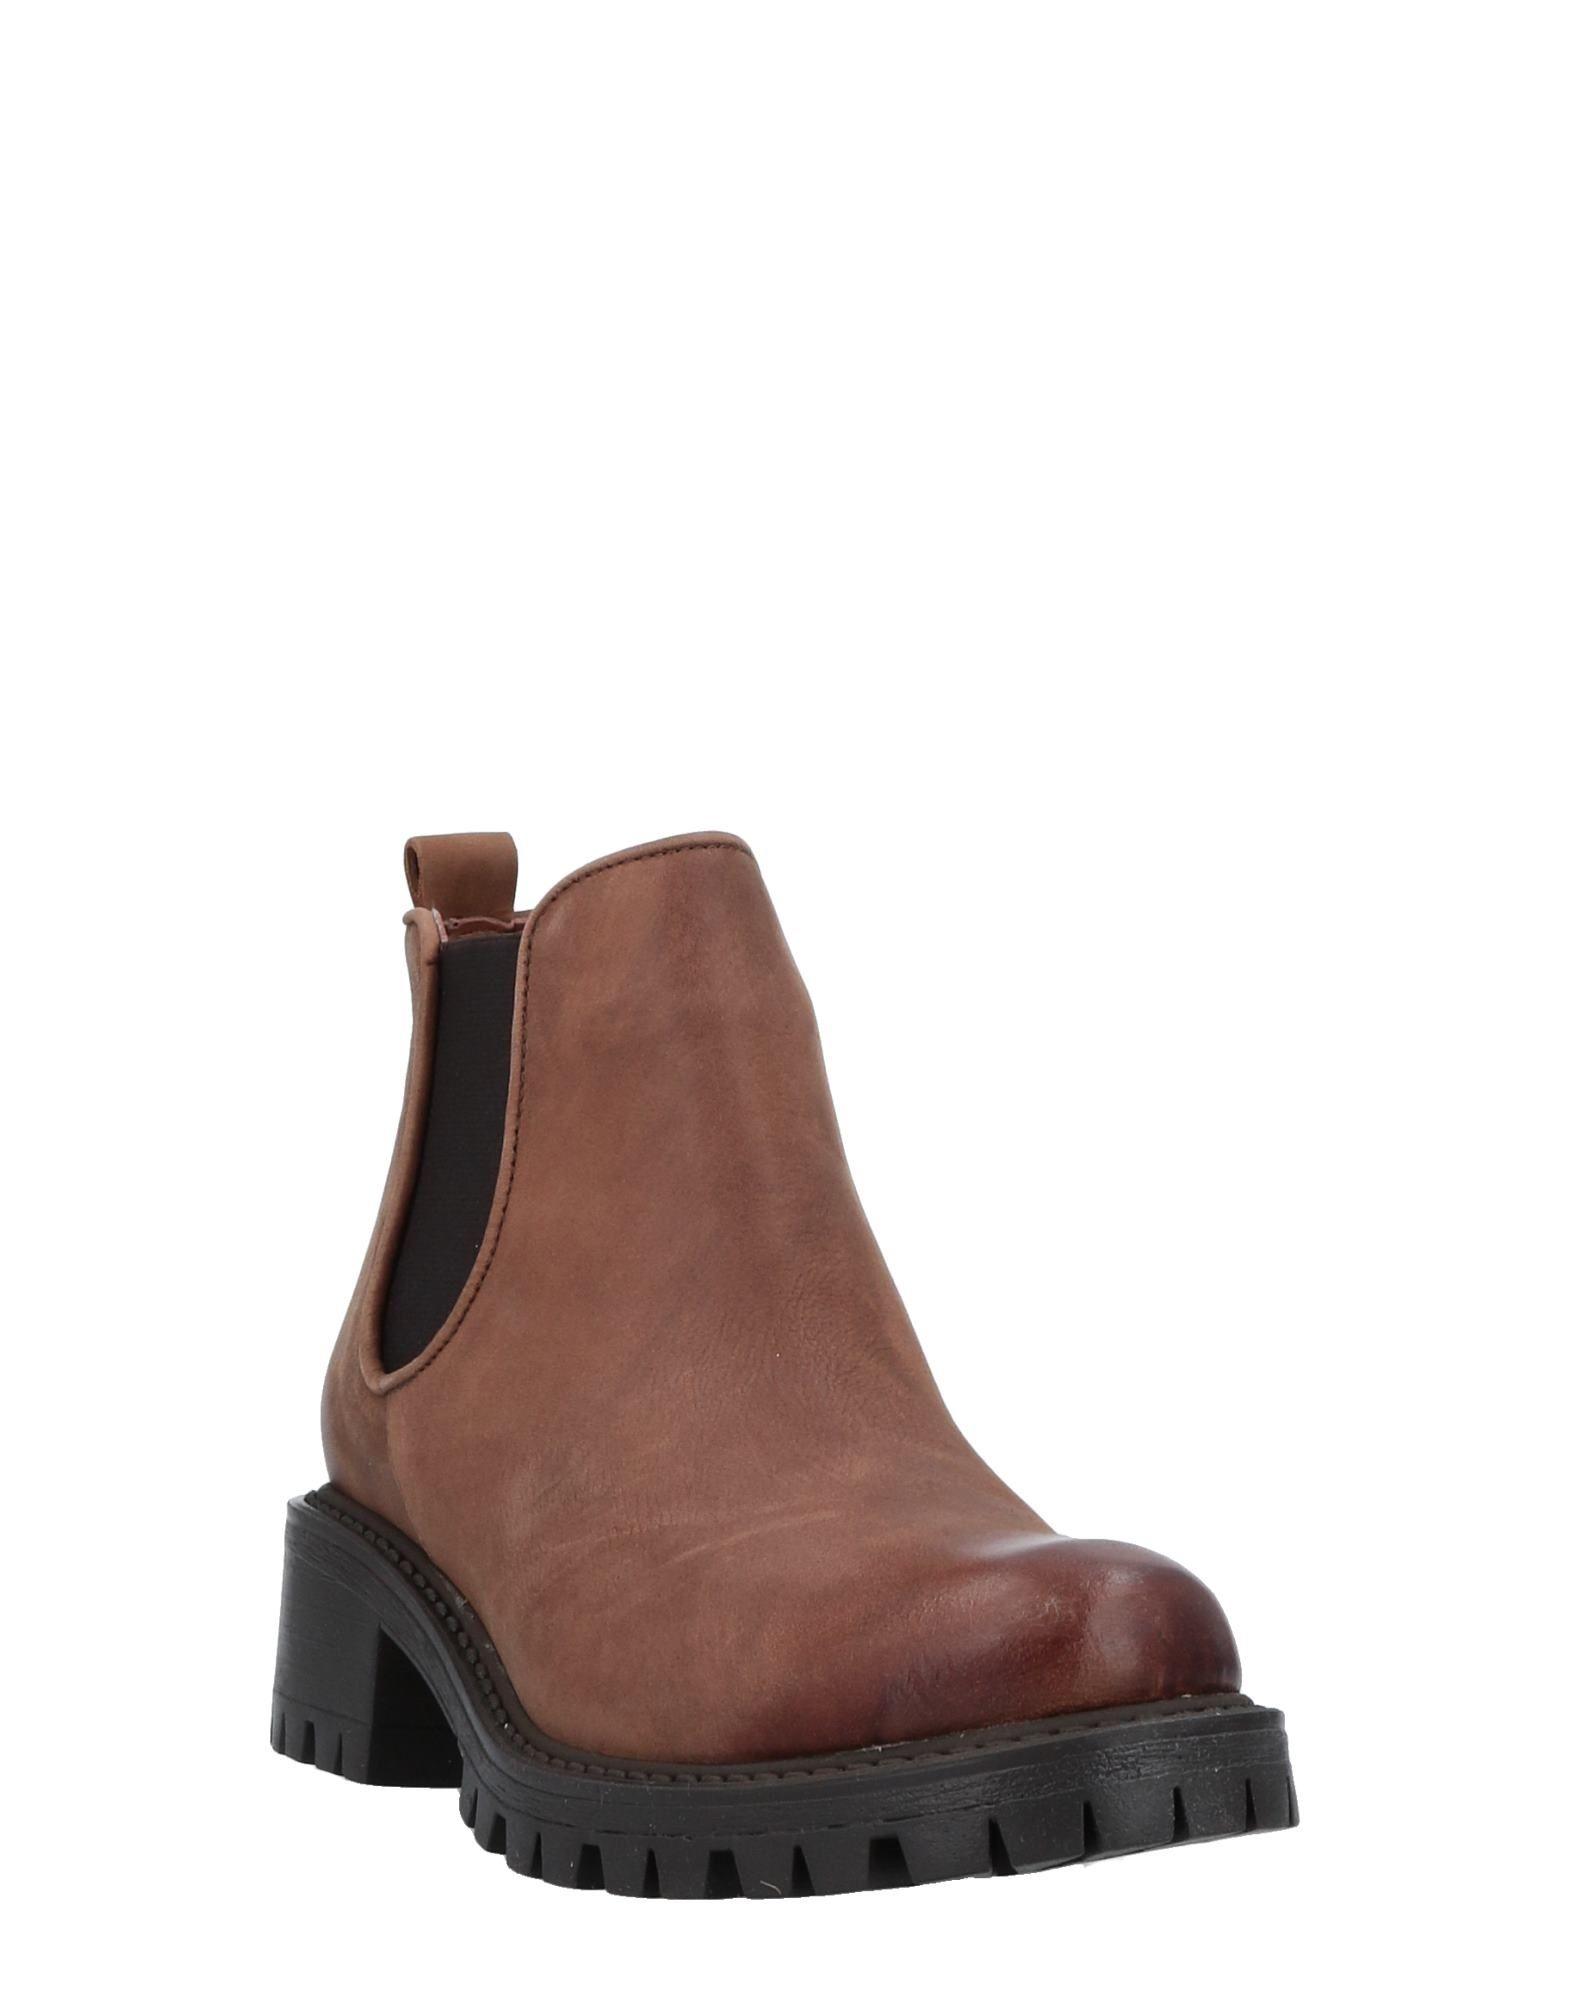 Eye Chelsea Boots Damen lohnt Gutes Preis-Leistungs-Verhältnis, es lohnt Damen sich,Sonderangebot-3160 983509